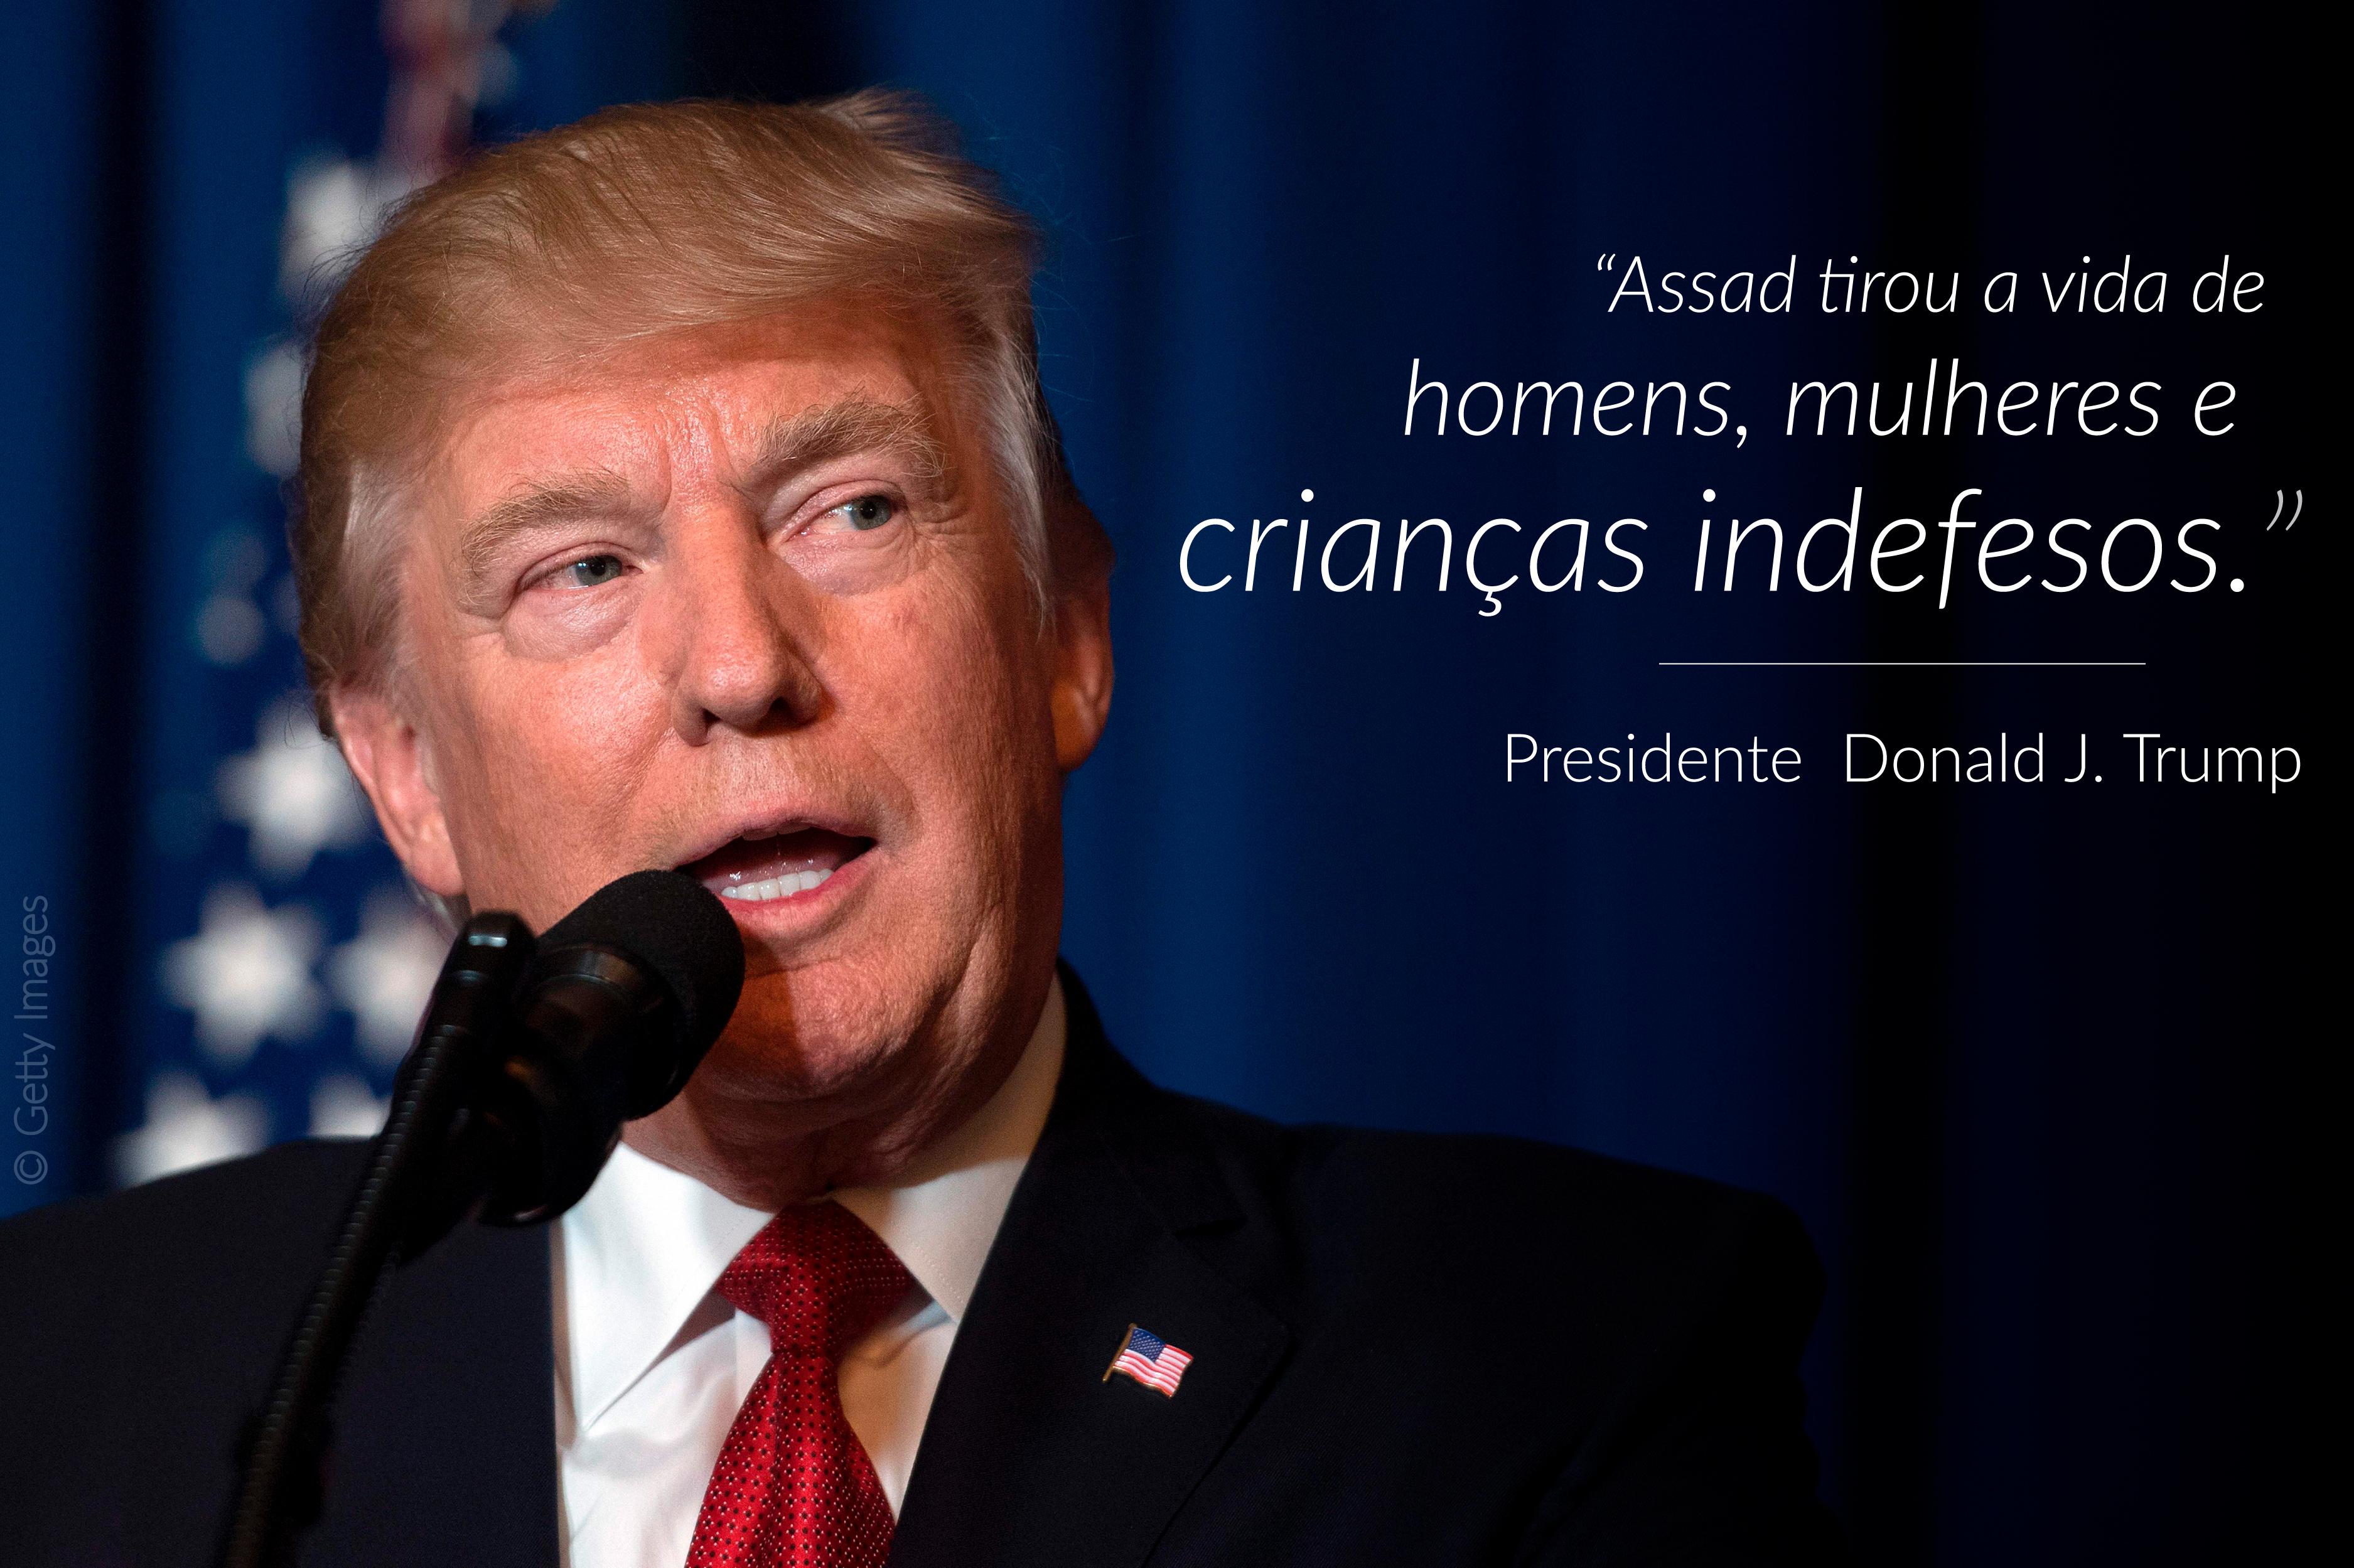 Presidente Trump falando, com citação sobreposta à direita (© Getty Images)